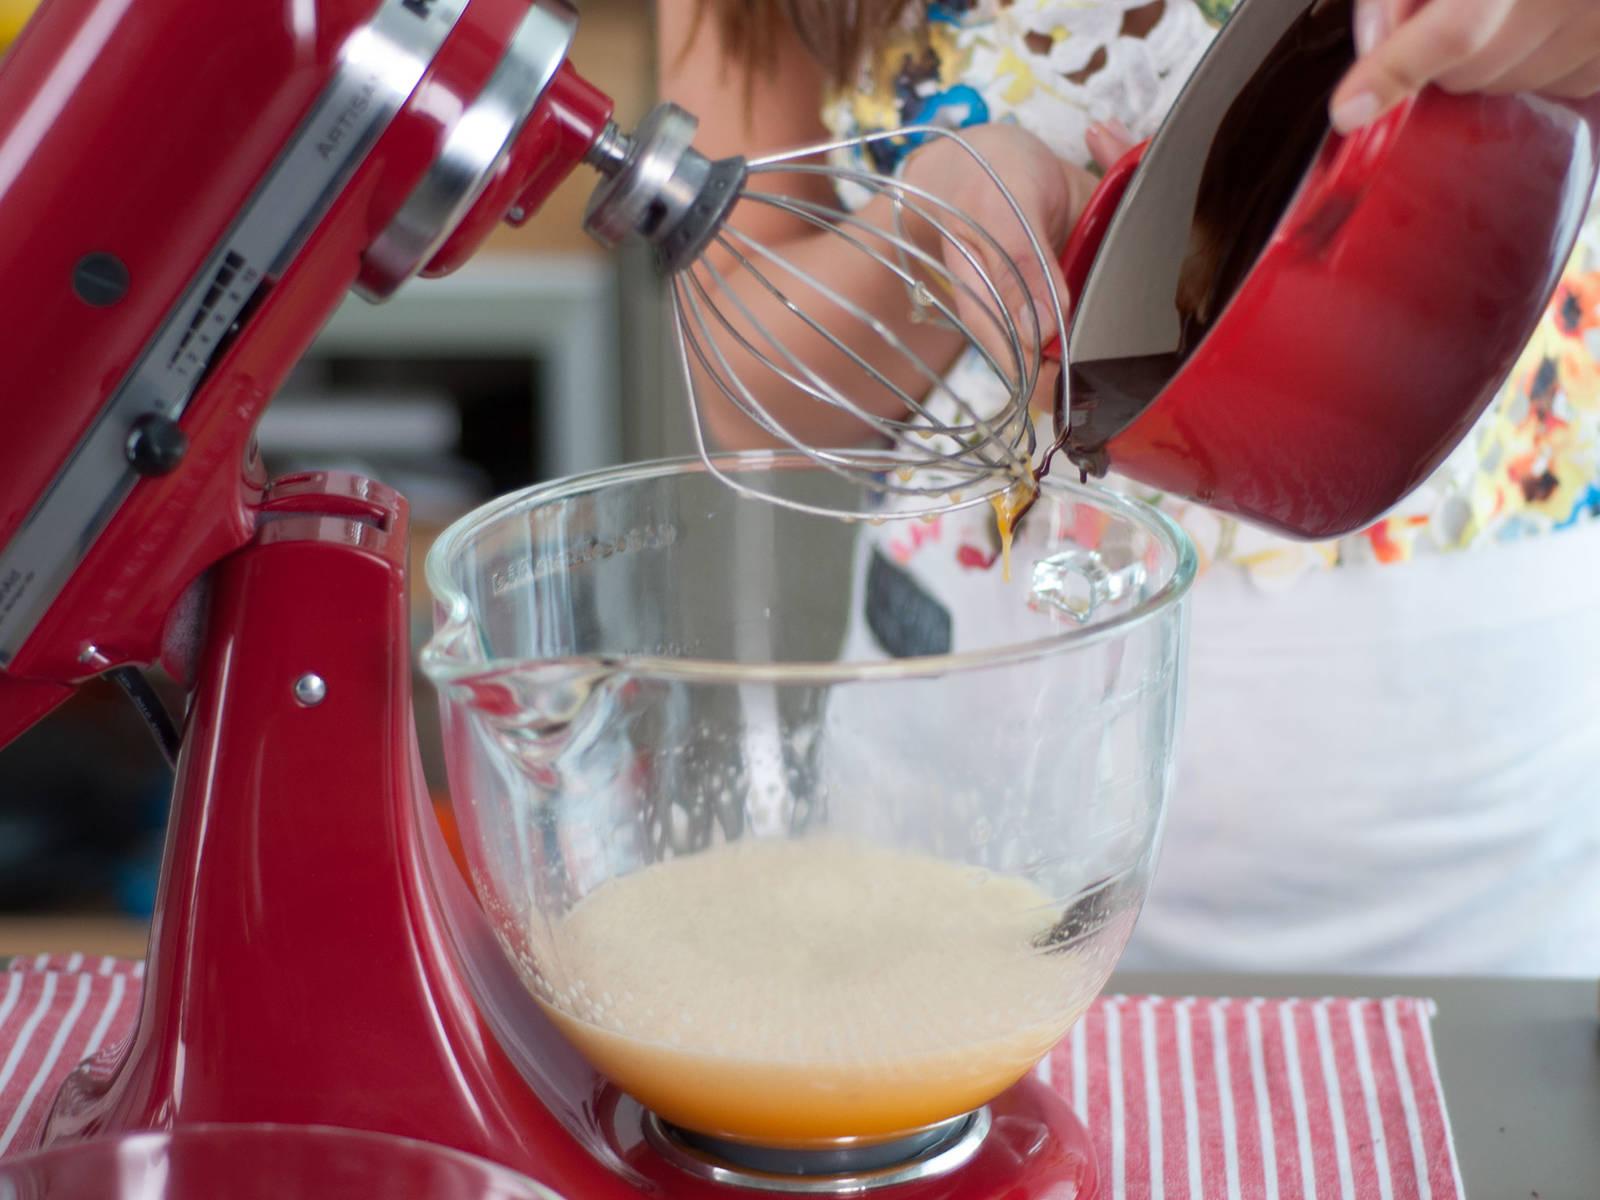 将烤箱预热至200摄氏度。将巧克力切碎后放入小锅中,用低温融化巧克力,向锅中加入黄油并搅拌均匀。将鸡蛋加入立式搅拌器中,并加入糖、香草精华与少许盐,搅打至起泡,然后加入面粉并搅打均匀。最后拌入融化后的巧克力,并搅拌至所有食材充分混合。